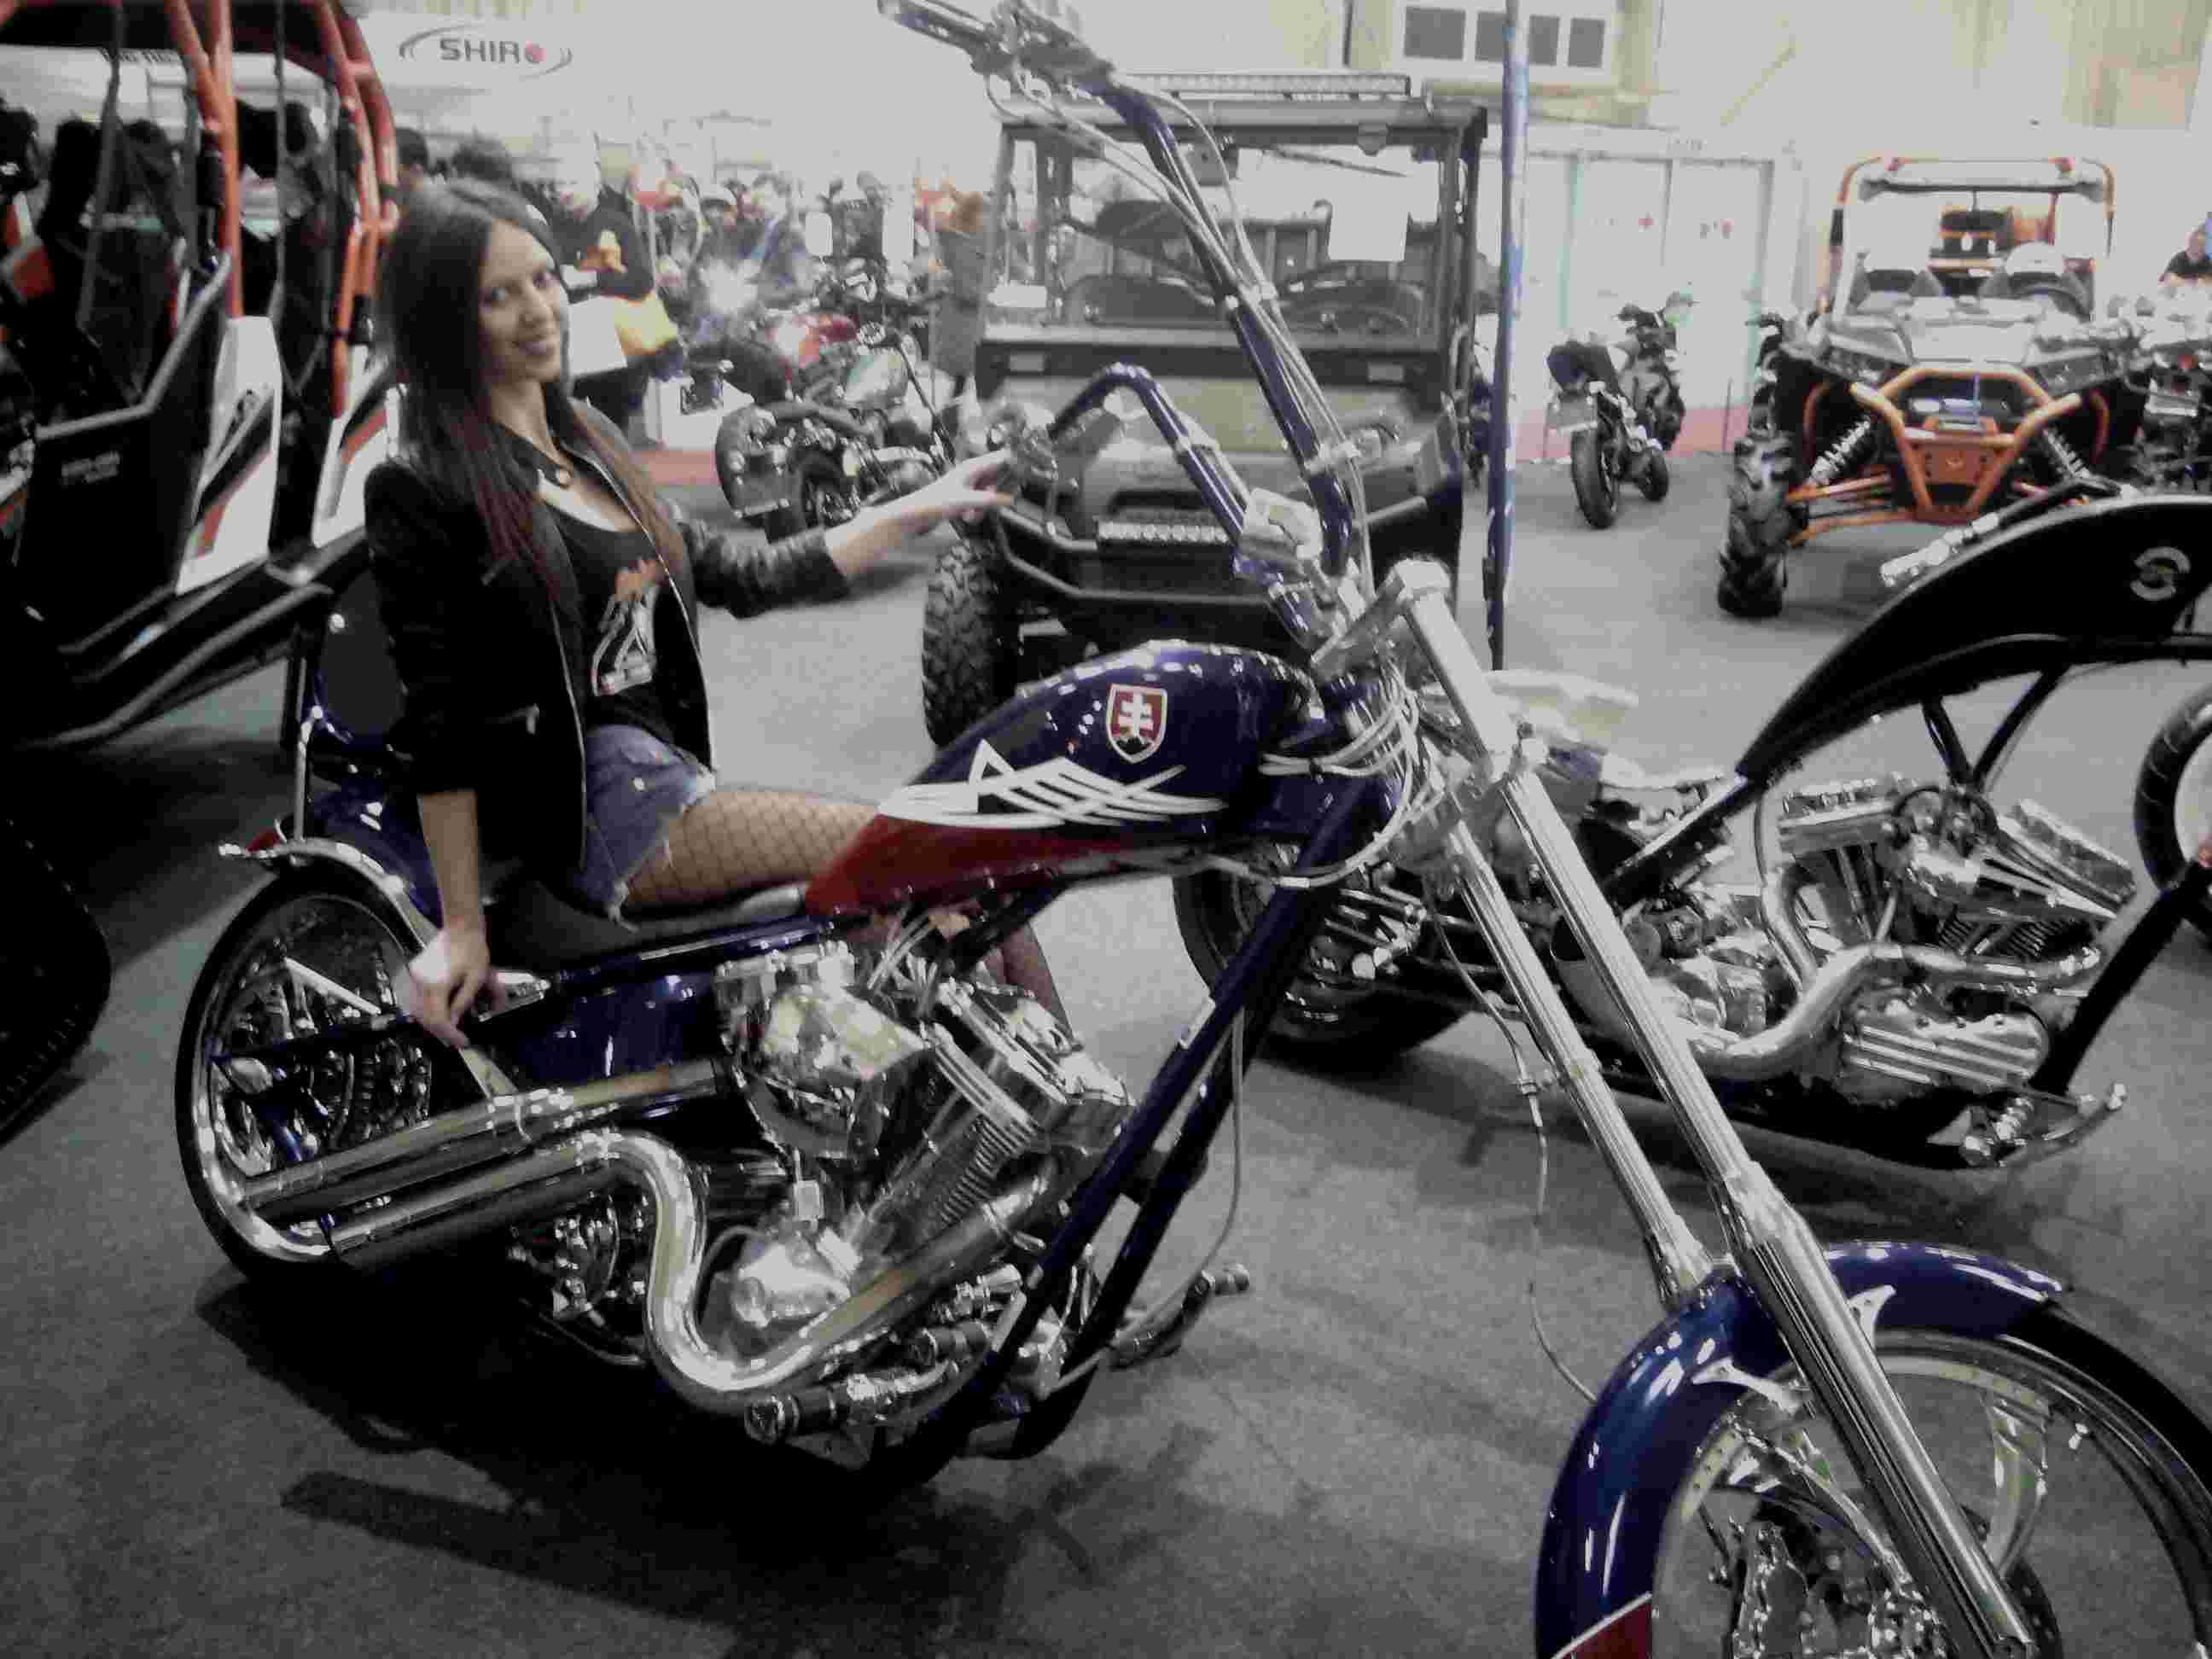 Έκθεση μοτοσυκλέτας 2015 στην Μπρατισλάβα - Σελίδα 8 Img_2056